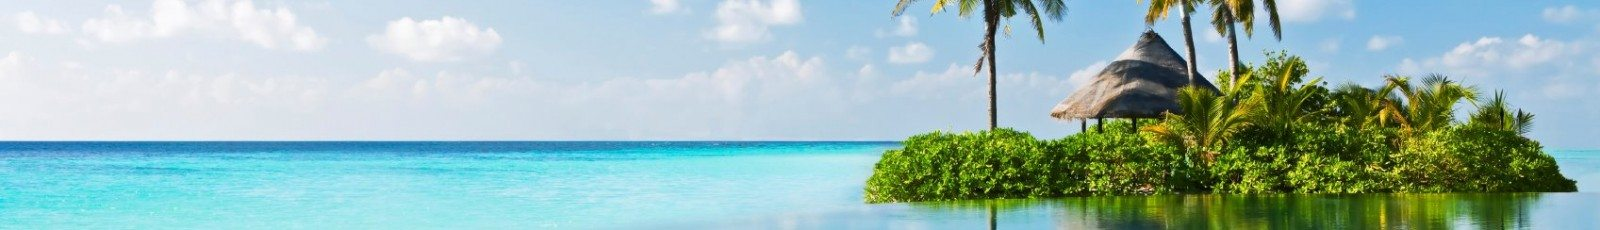 Ich buche Ferien! – Ferien Angebote und Deals